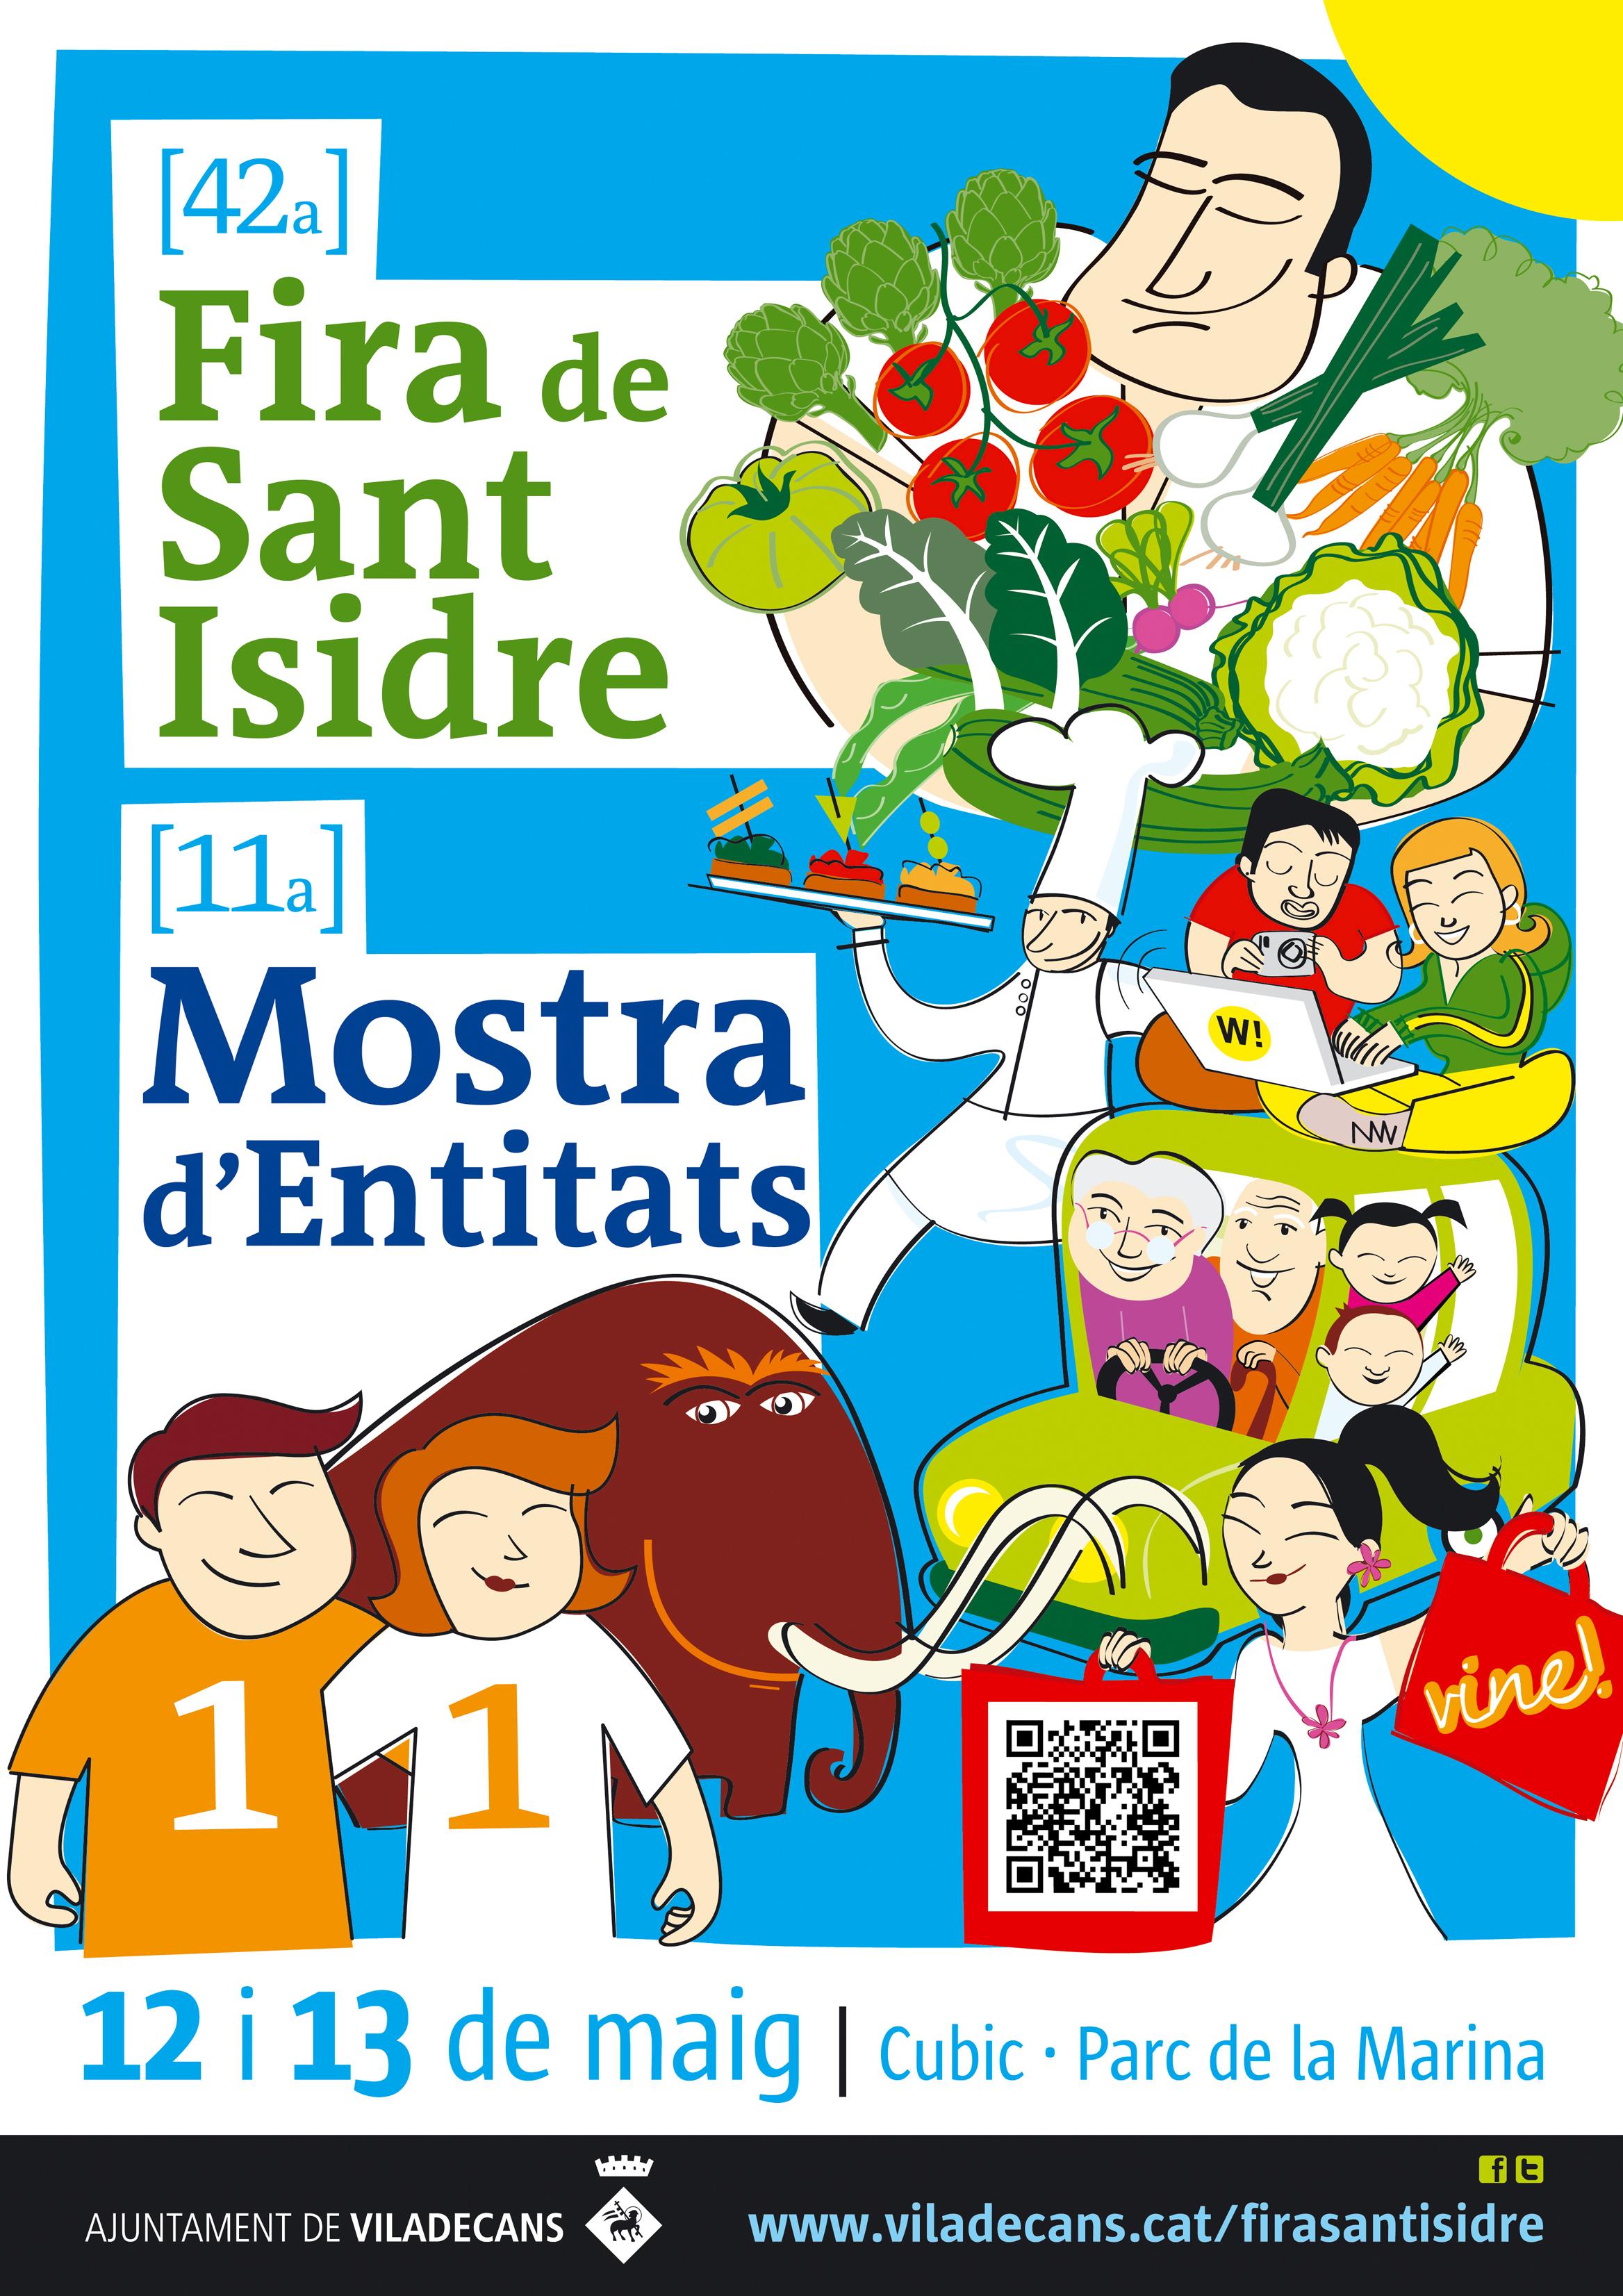 Cartell de la Fira de Sant Isidre 2012